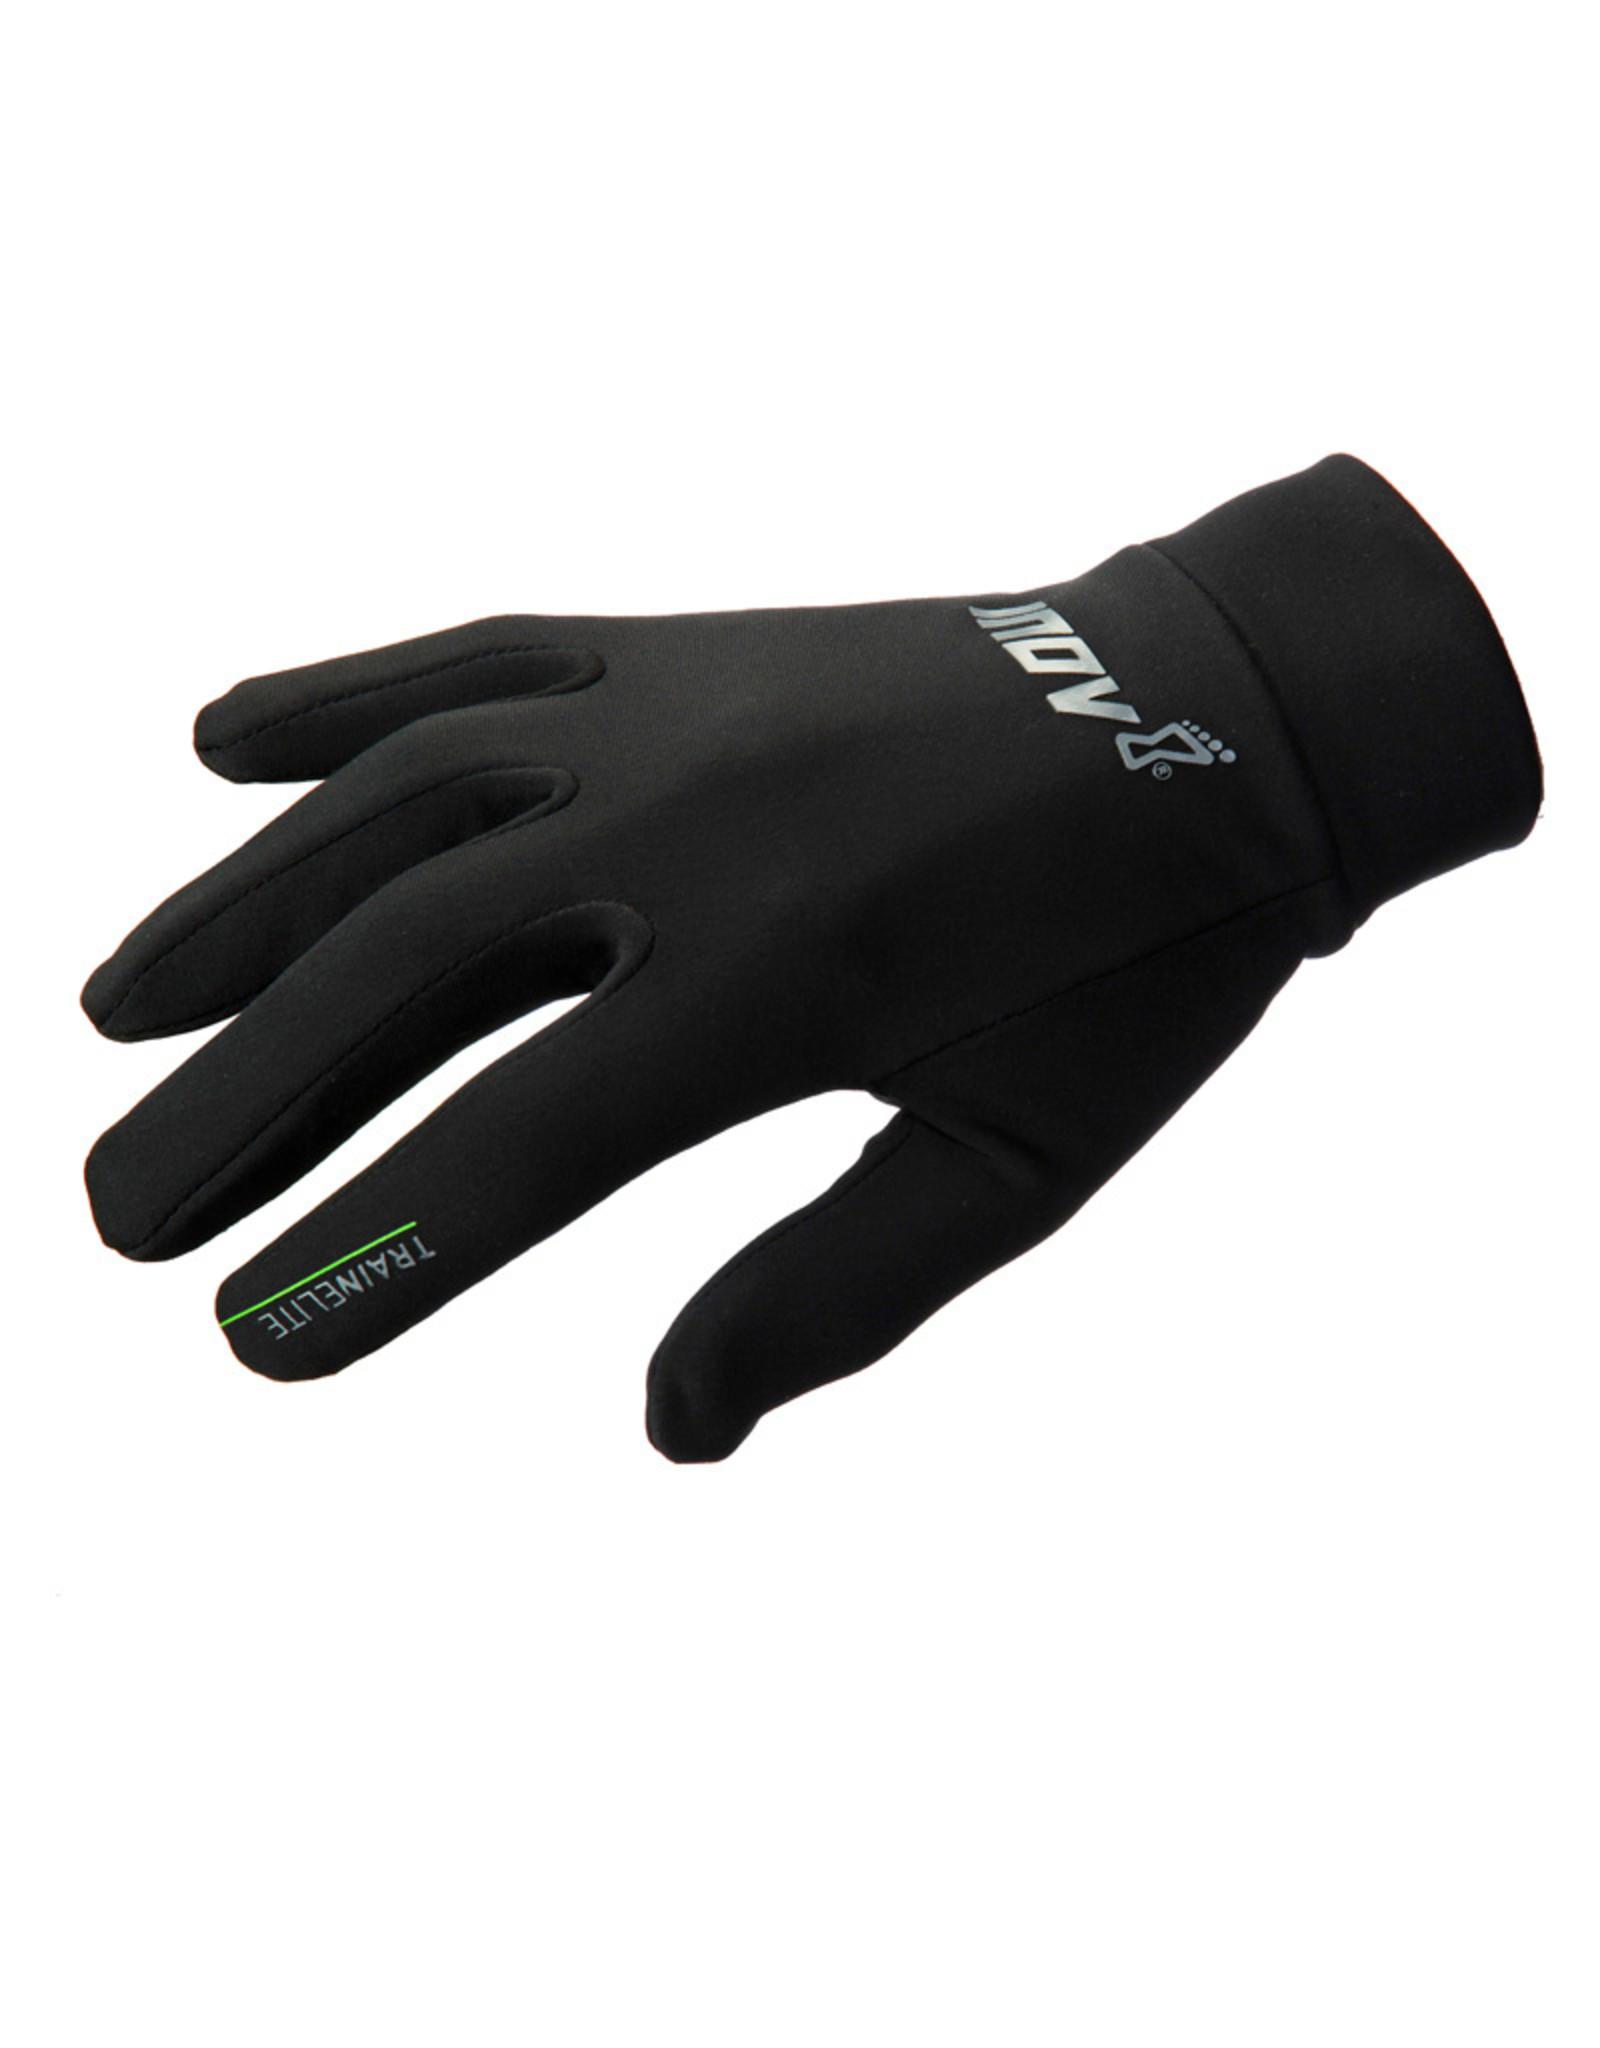 Inov-8 Train Elite Glove Handschoen - Zwart